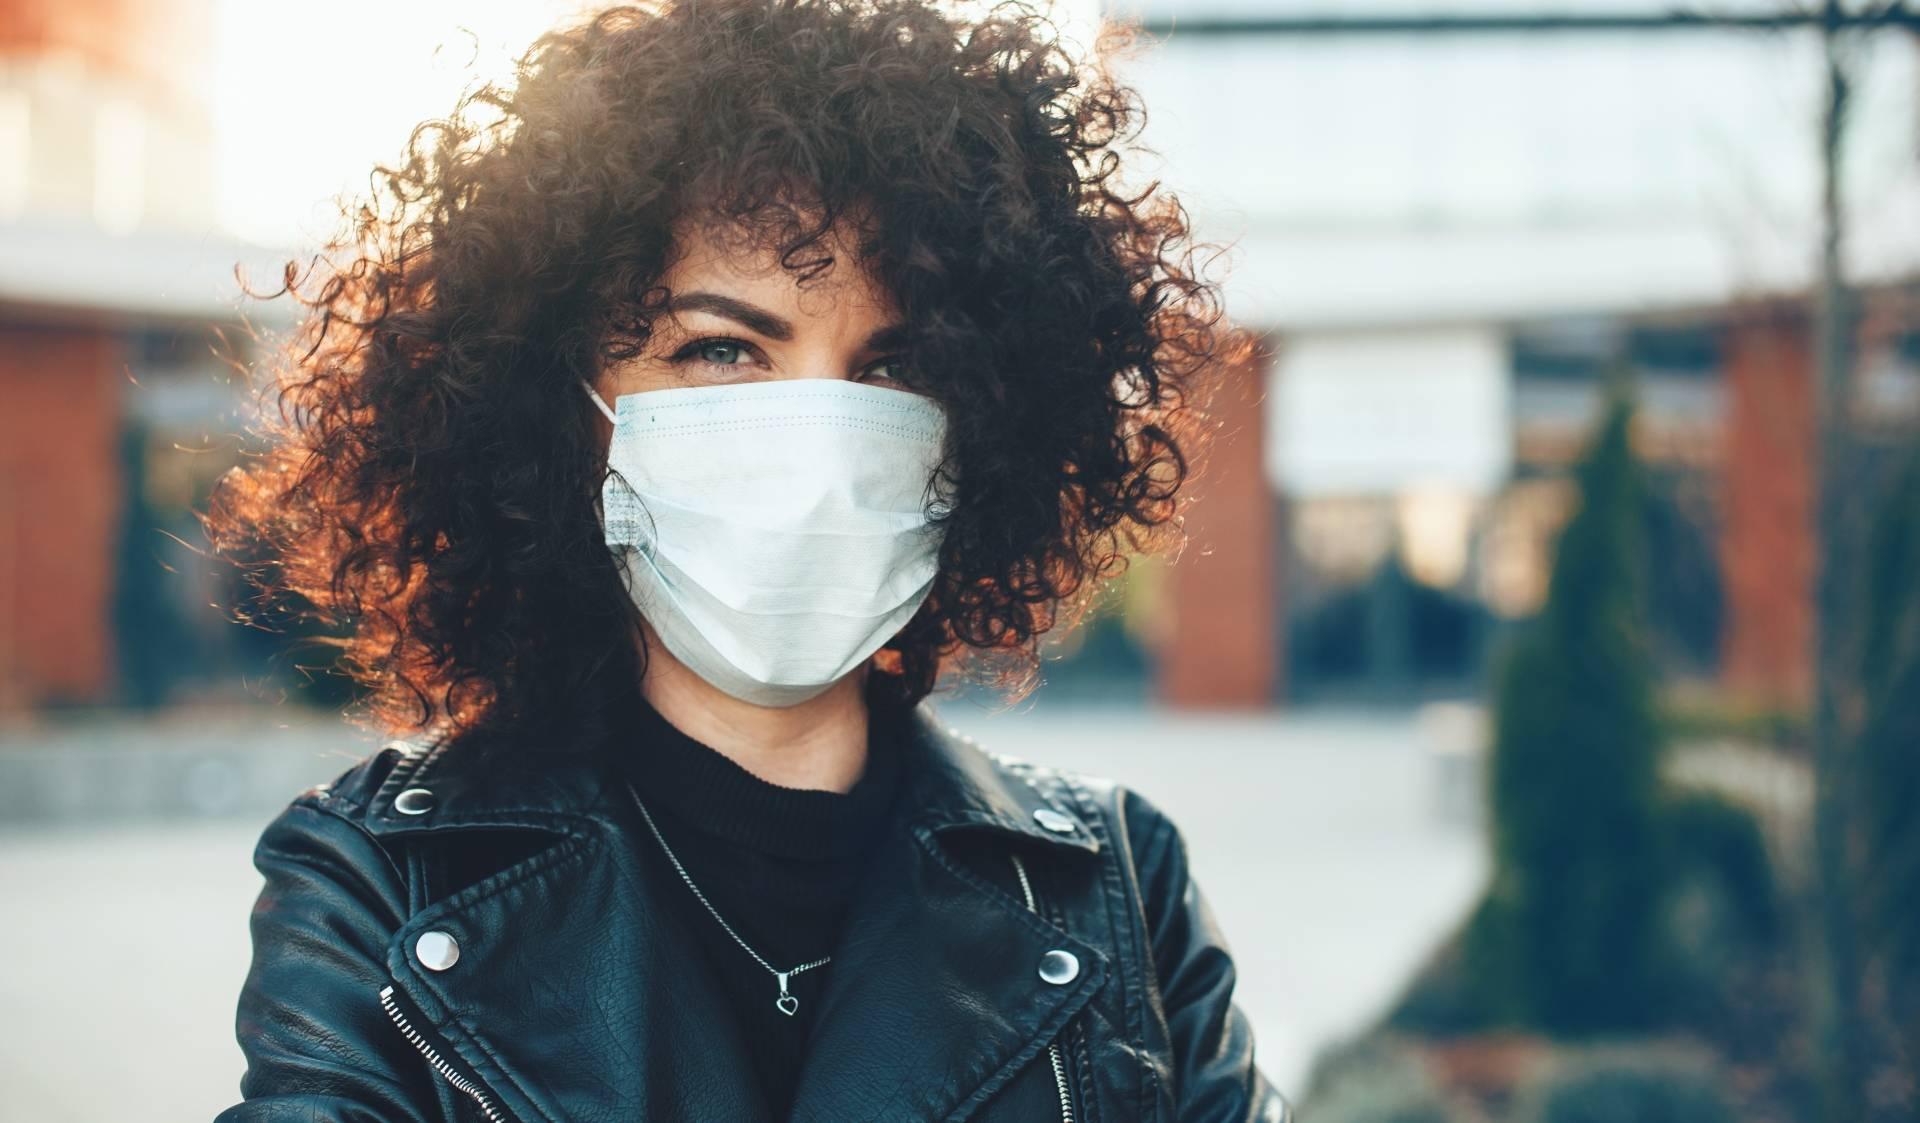 Maseczki przeciwwirusowe - jak je prawidłowo nosić, zakładać i zdejmować?